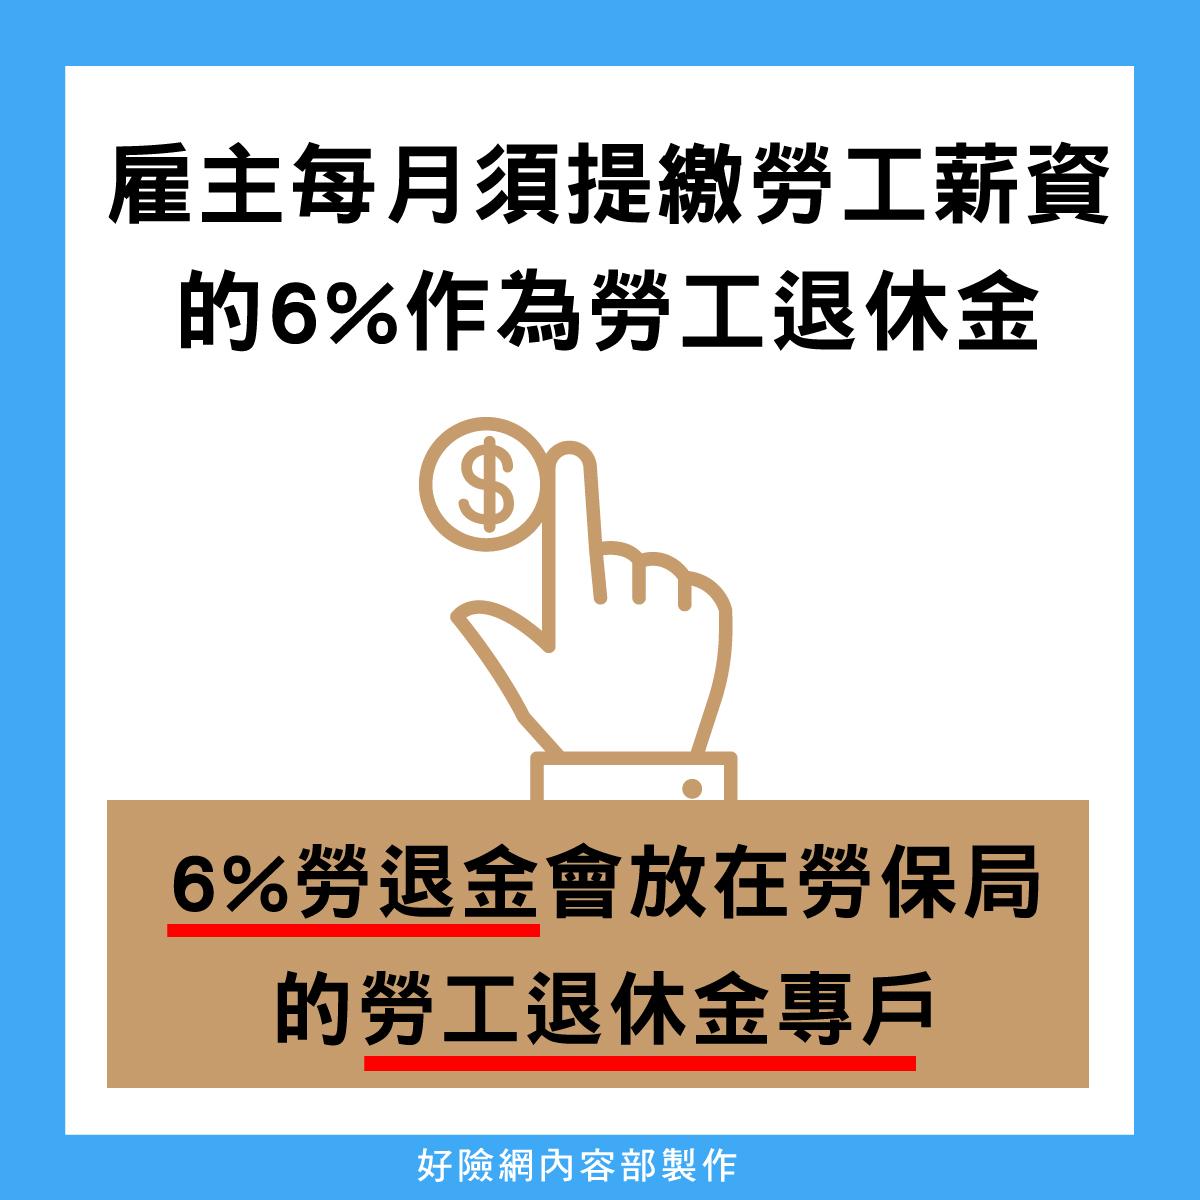 6%勞退金專戶